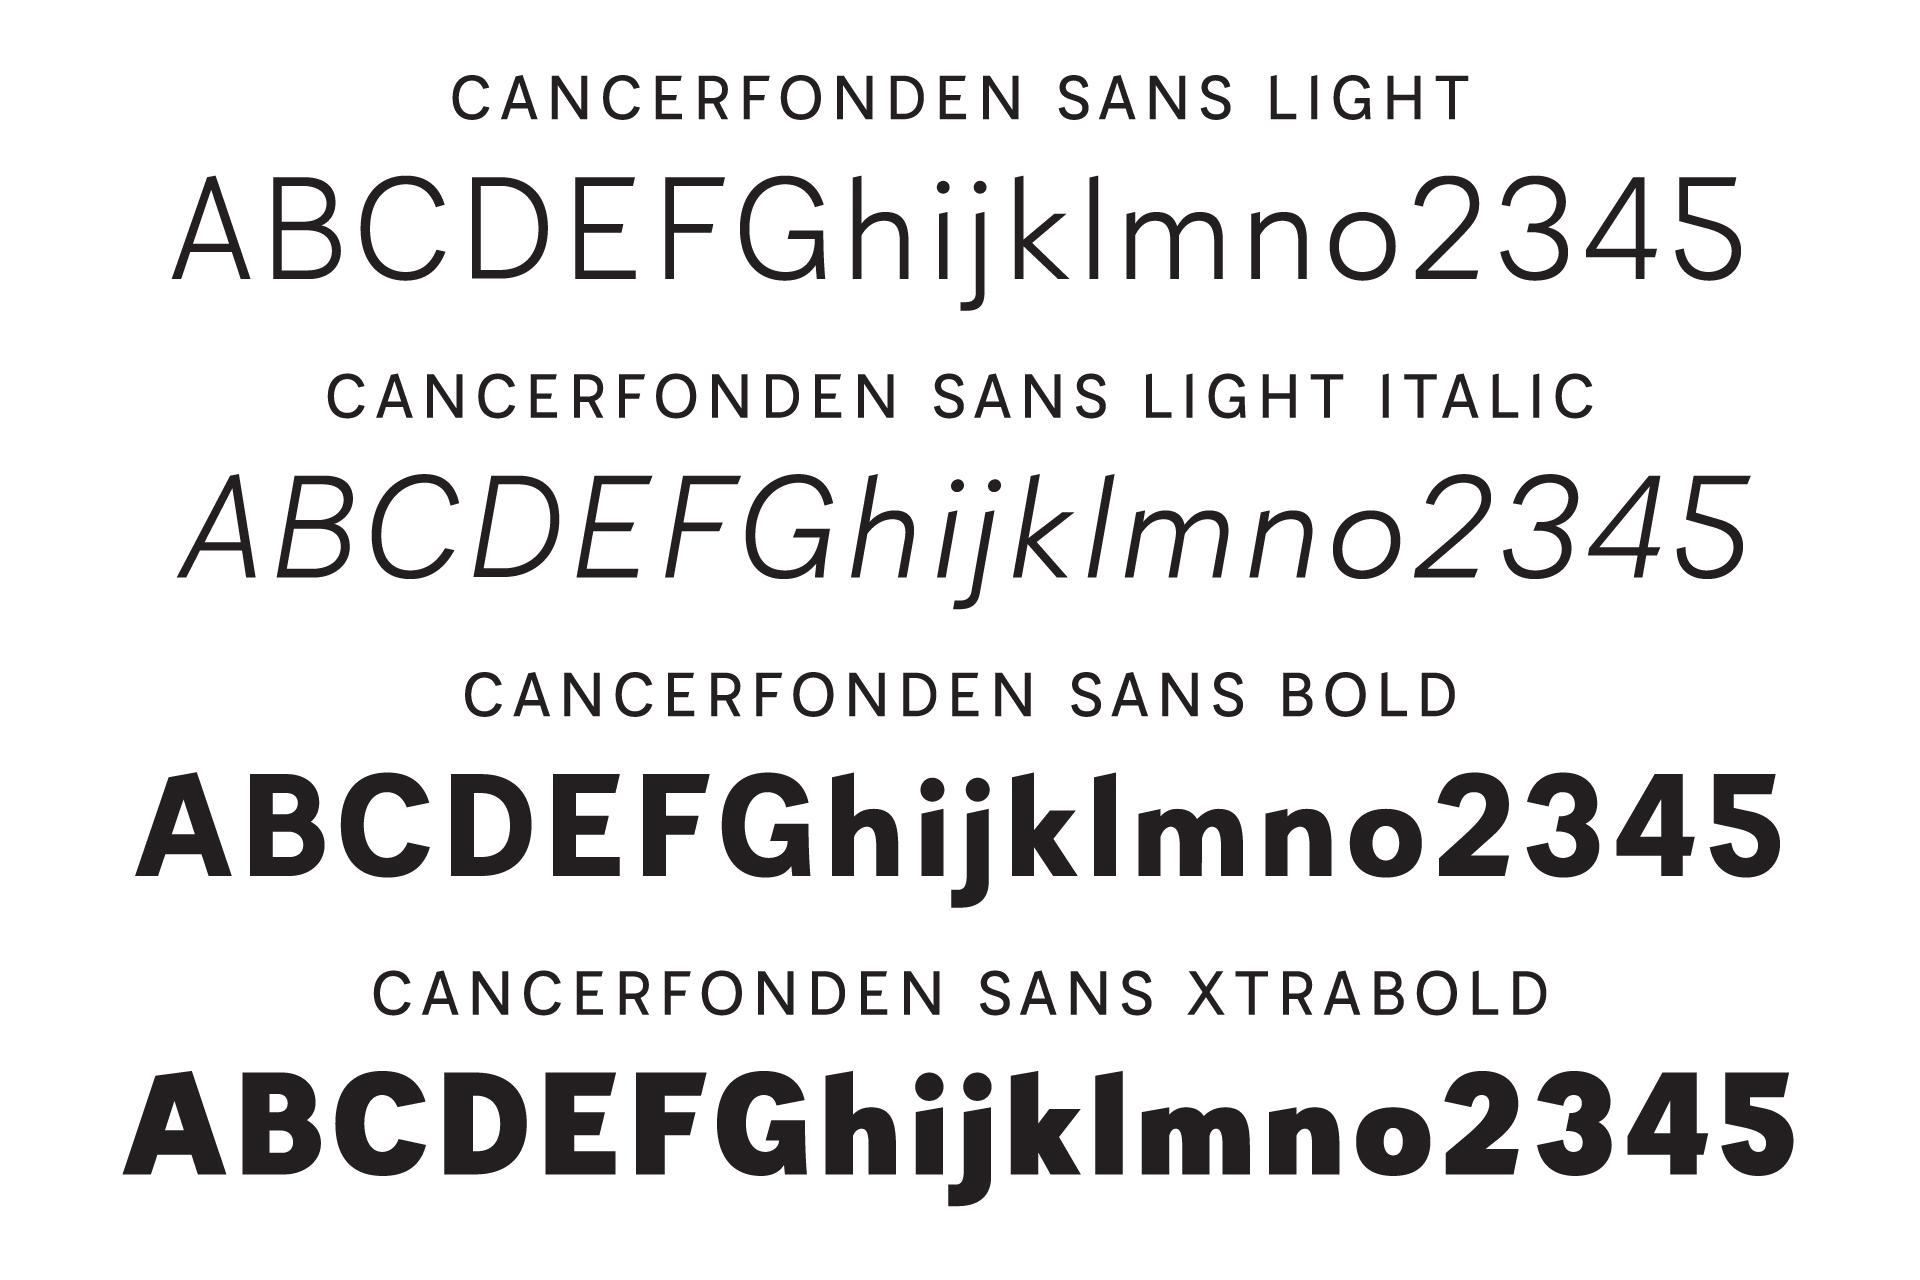 Cancerfonden_PAGE-3